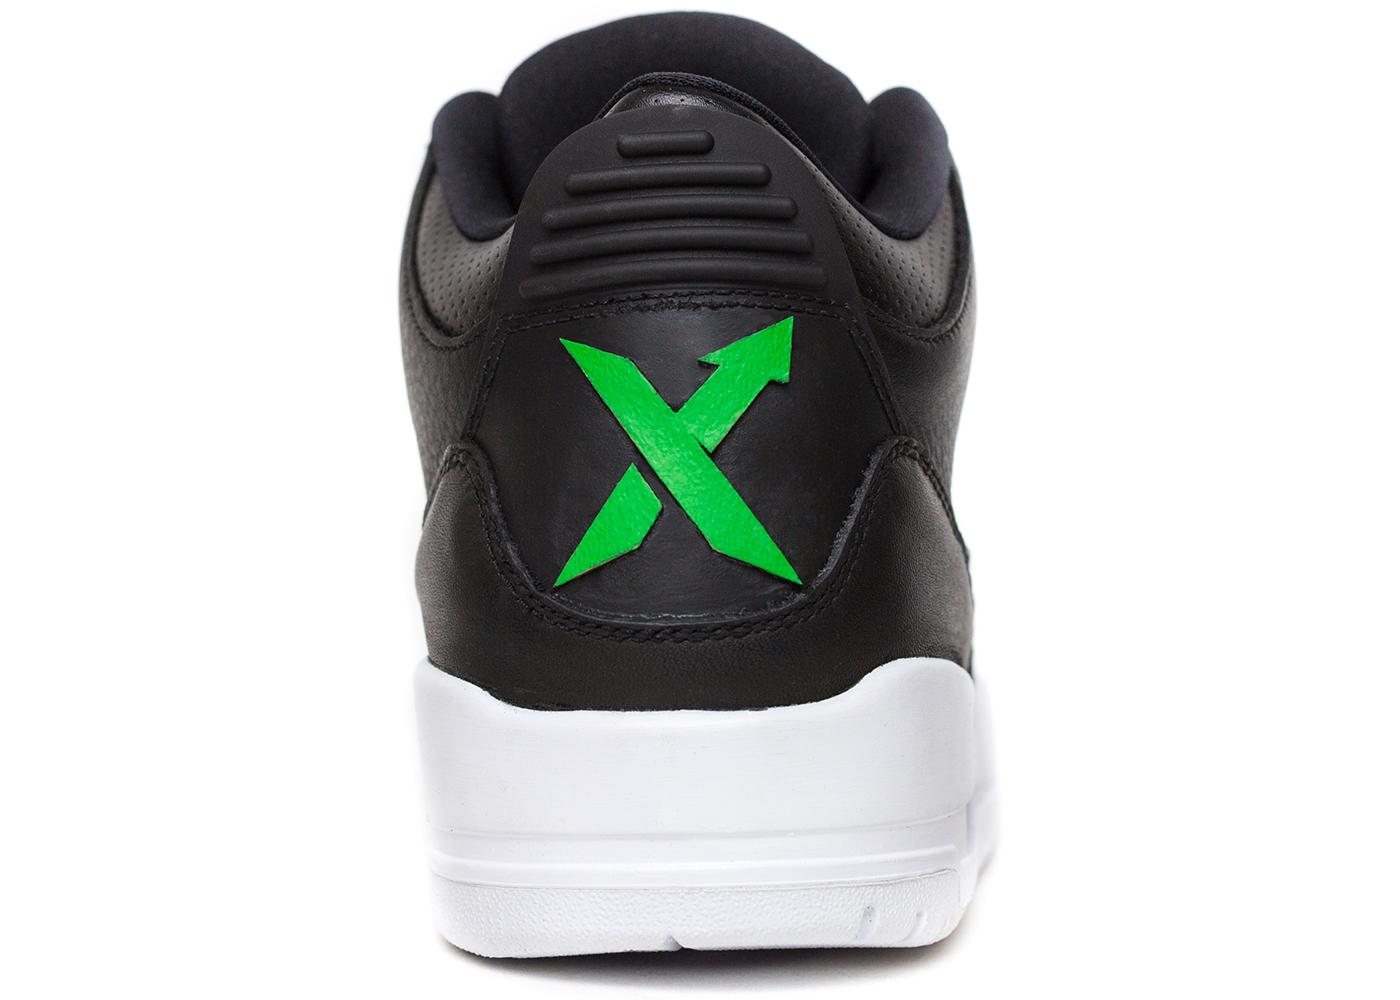 Jordan 3 Retro StockX Day - 136064-020x